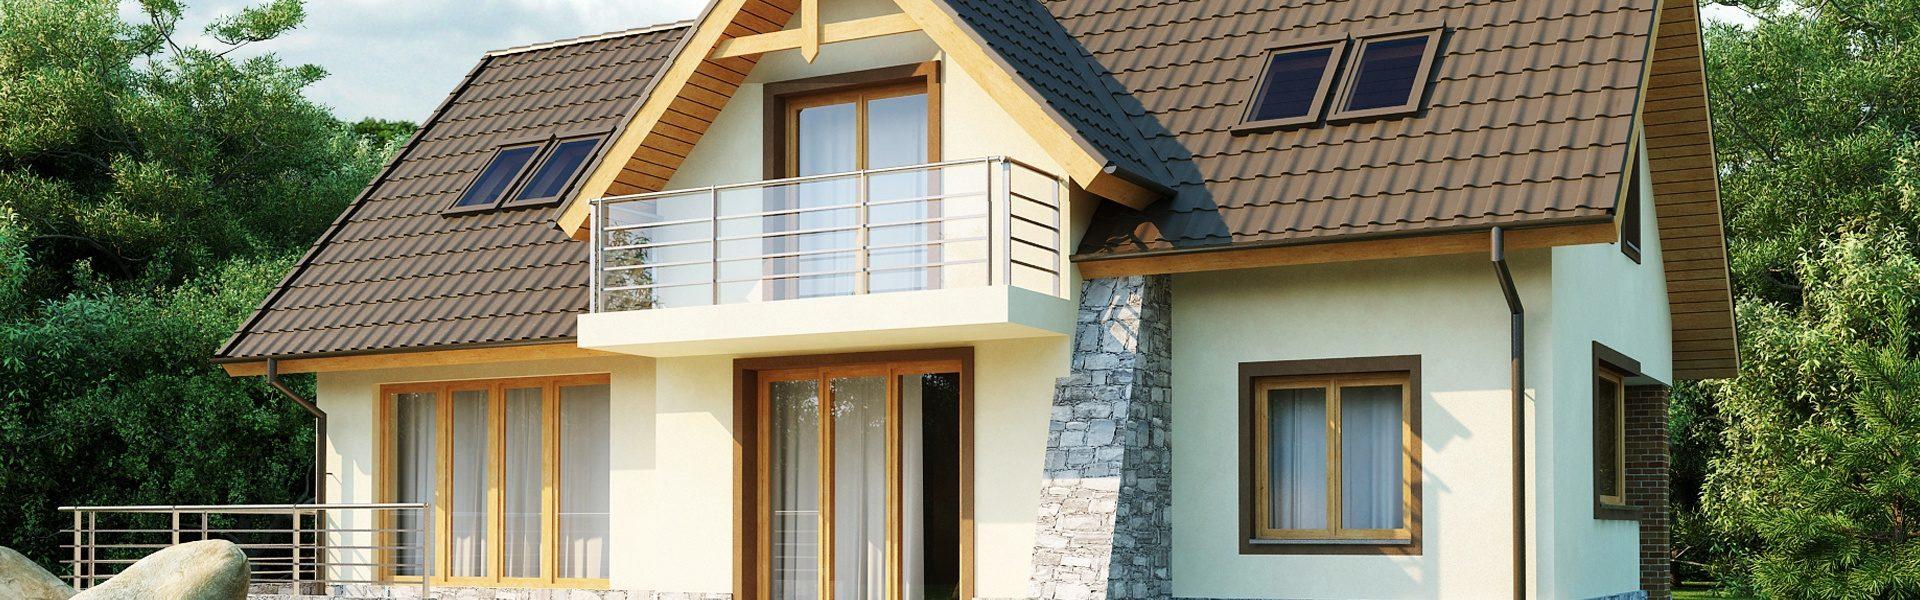 Теплоблок — уникальный современный строительный материал